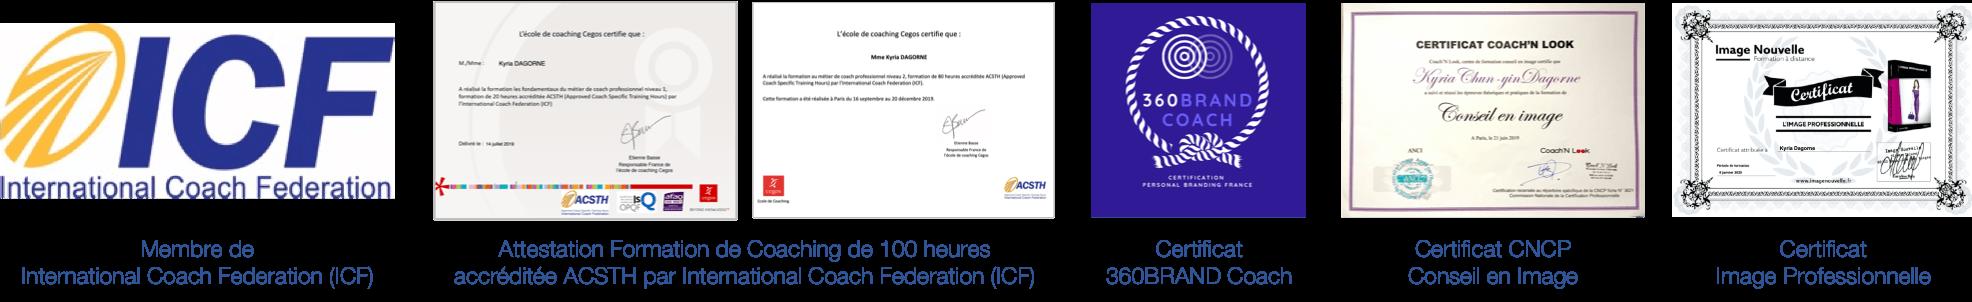 certificats de coach et conseiller en image